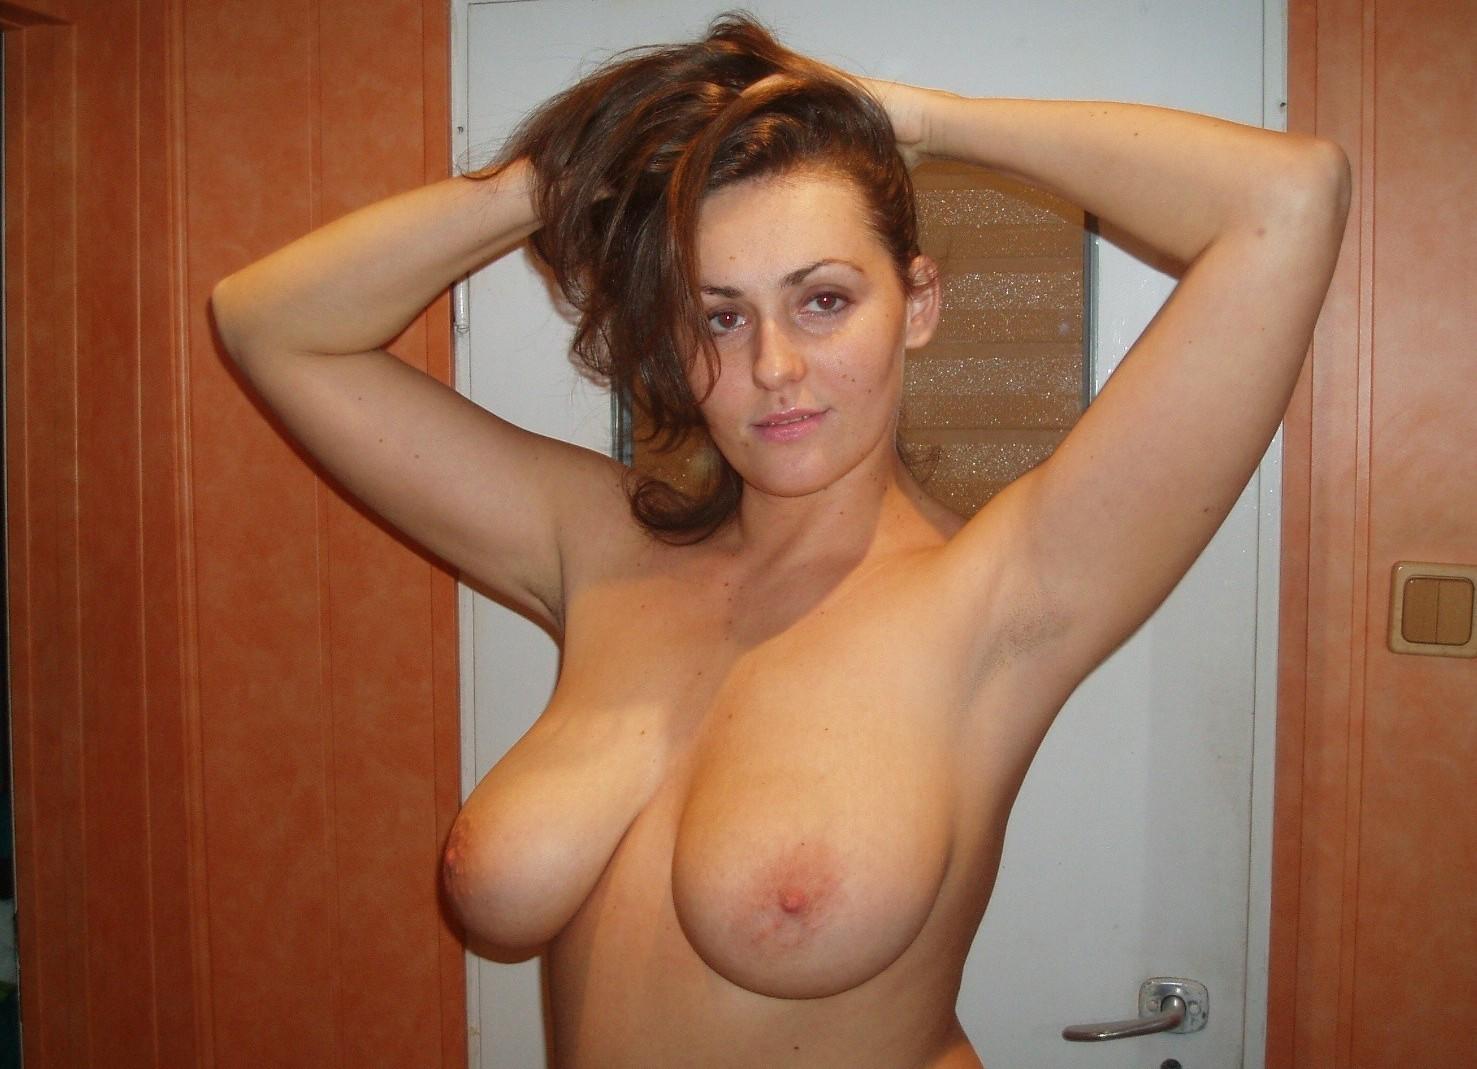 Тети за 30 голые, Женщинам за 30 хочется безудержного секса - секс порно 2 фотография